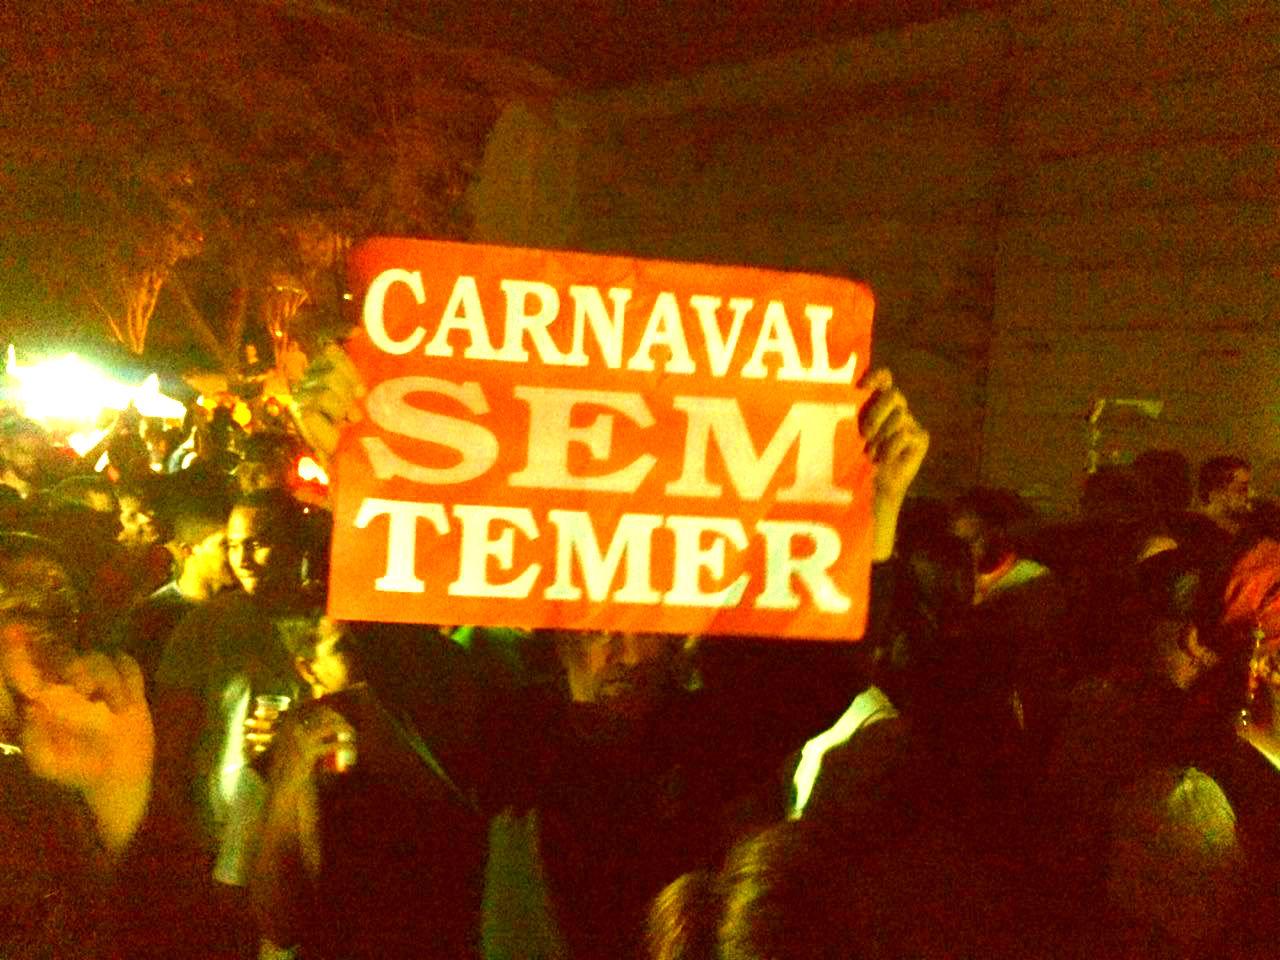 Sindicato questiona direção da EBC sobre censura no Carnaval